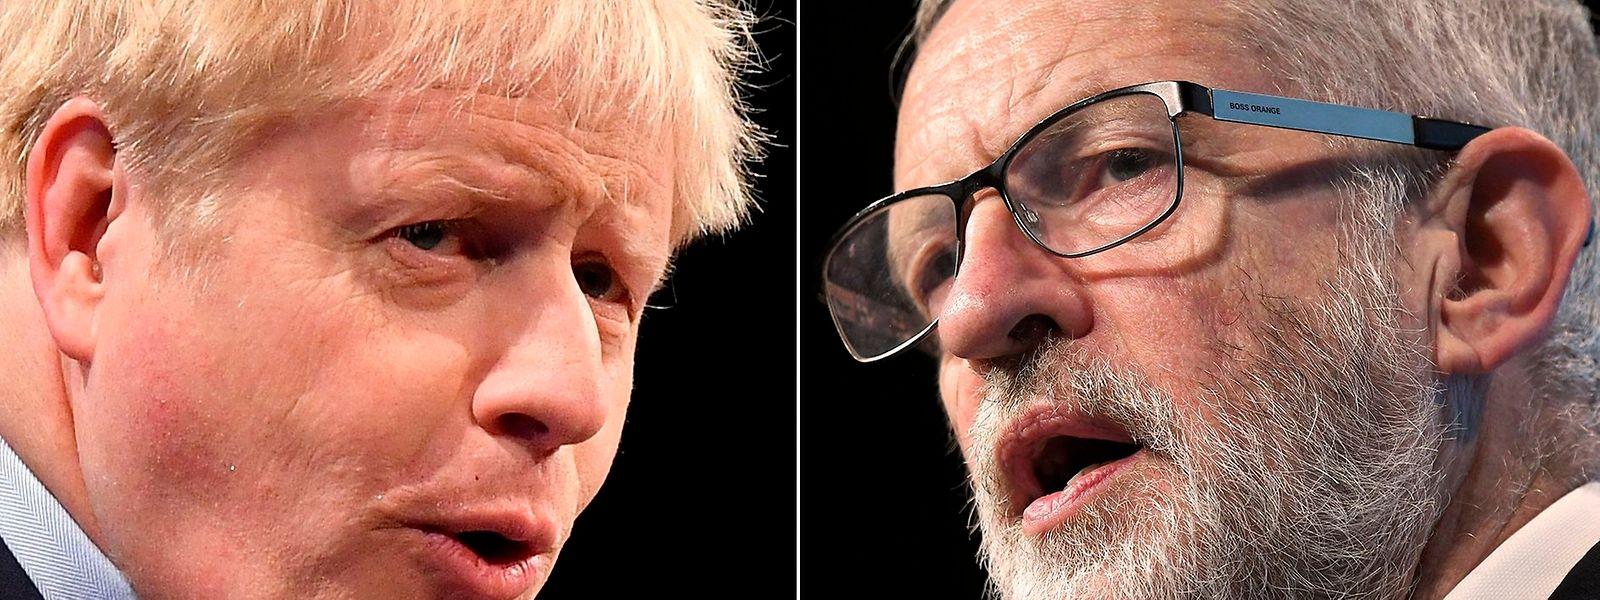 Das letzte TV-Duell: Boris Johnson (Konservative) muss sich gegen Jeremy Corbyn (Labour) behaupten.